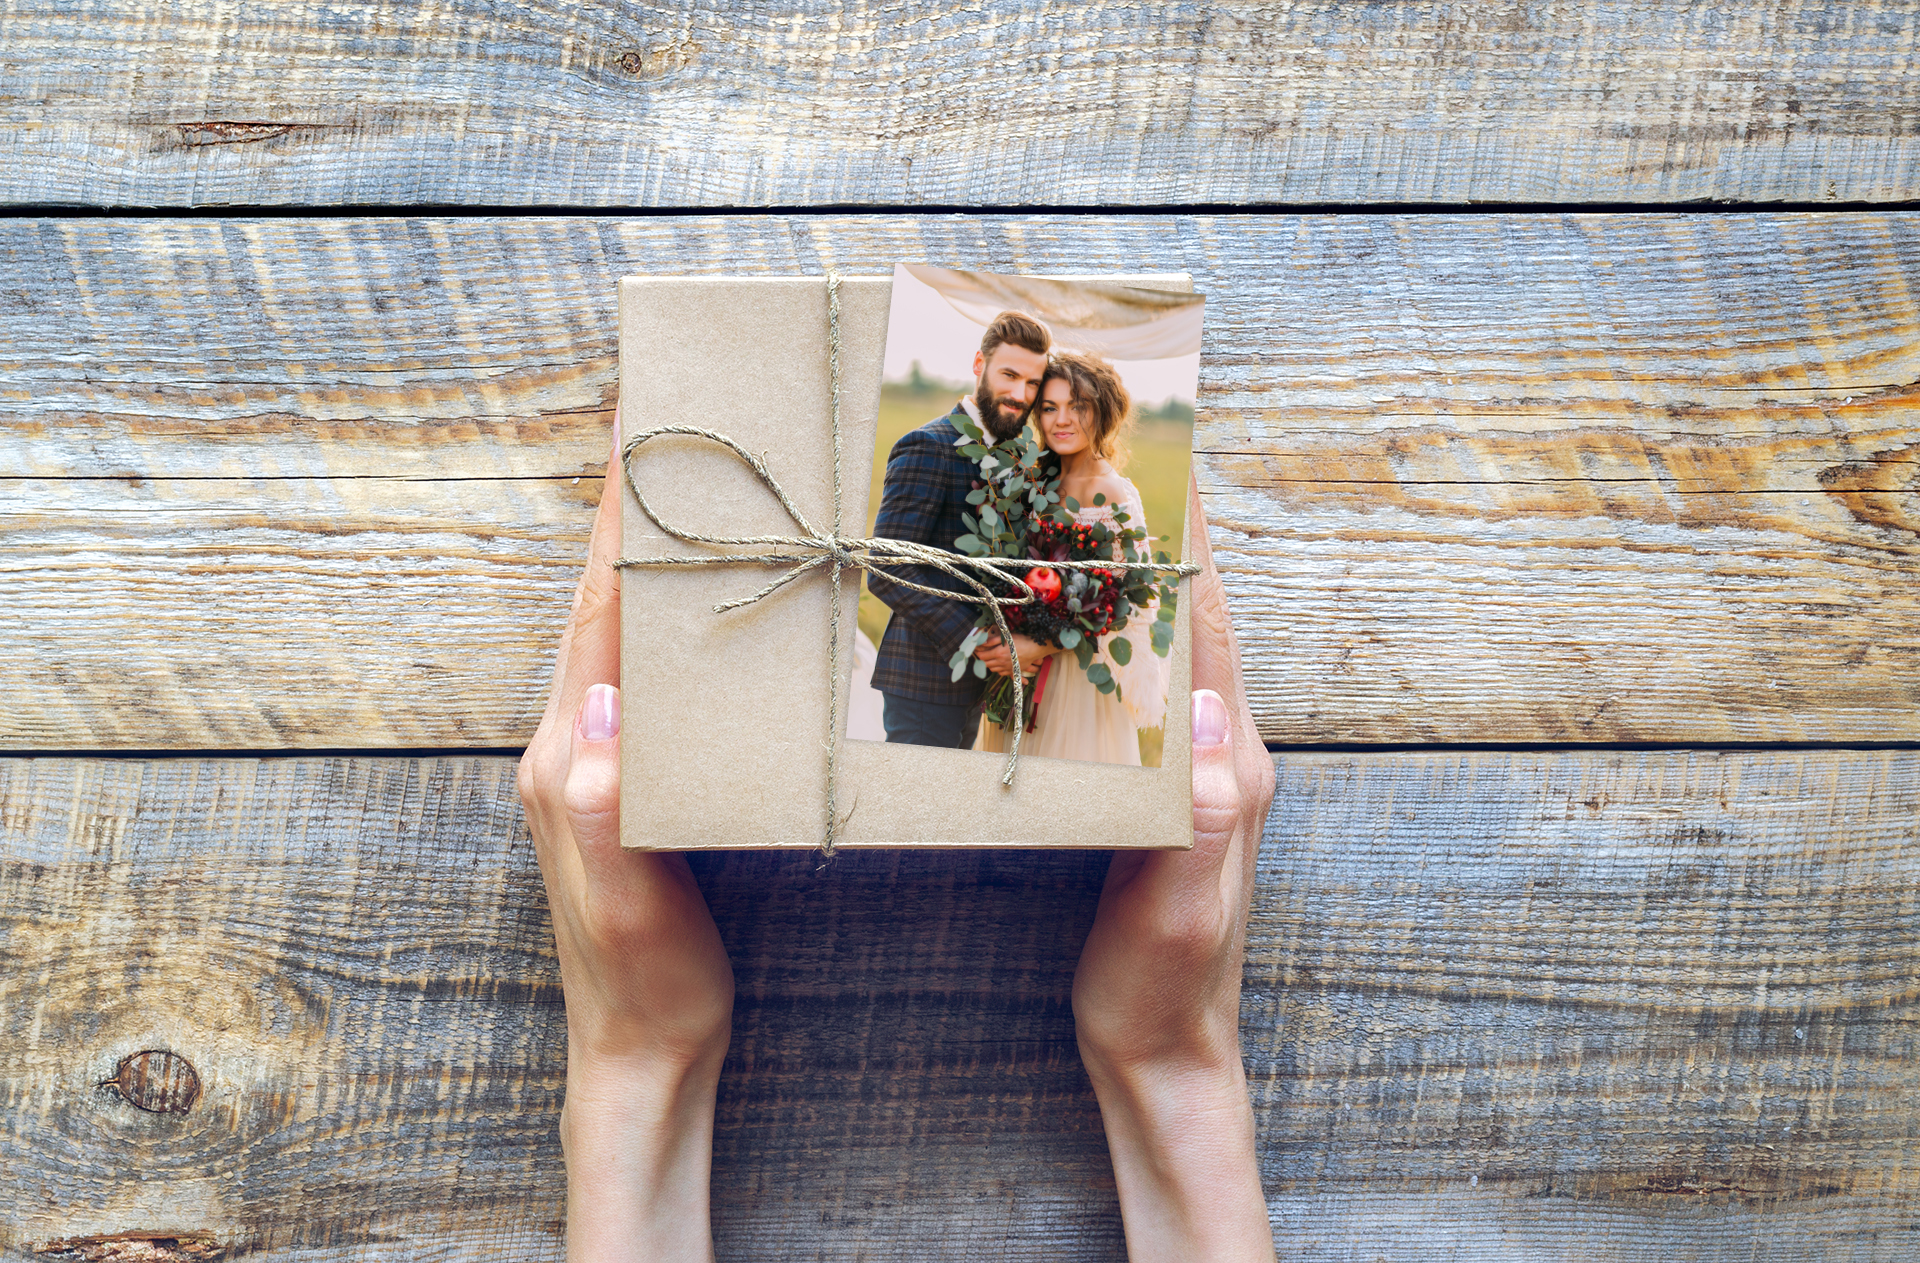 Un DIY pour apprendre à créer un papier cadeau photo personnalisé